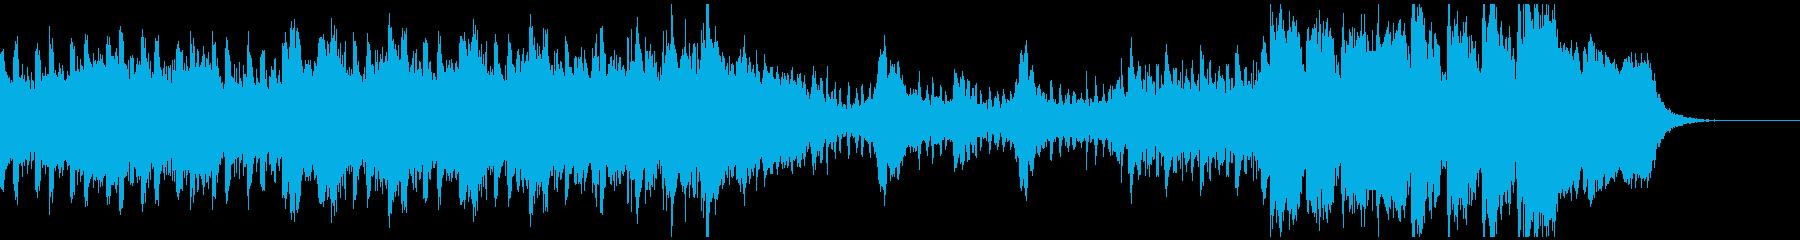 洋画トレーラー オーケストラ クワイヤ付の再生済みの波形